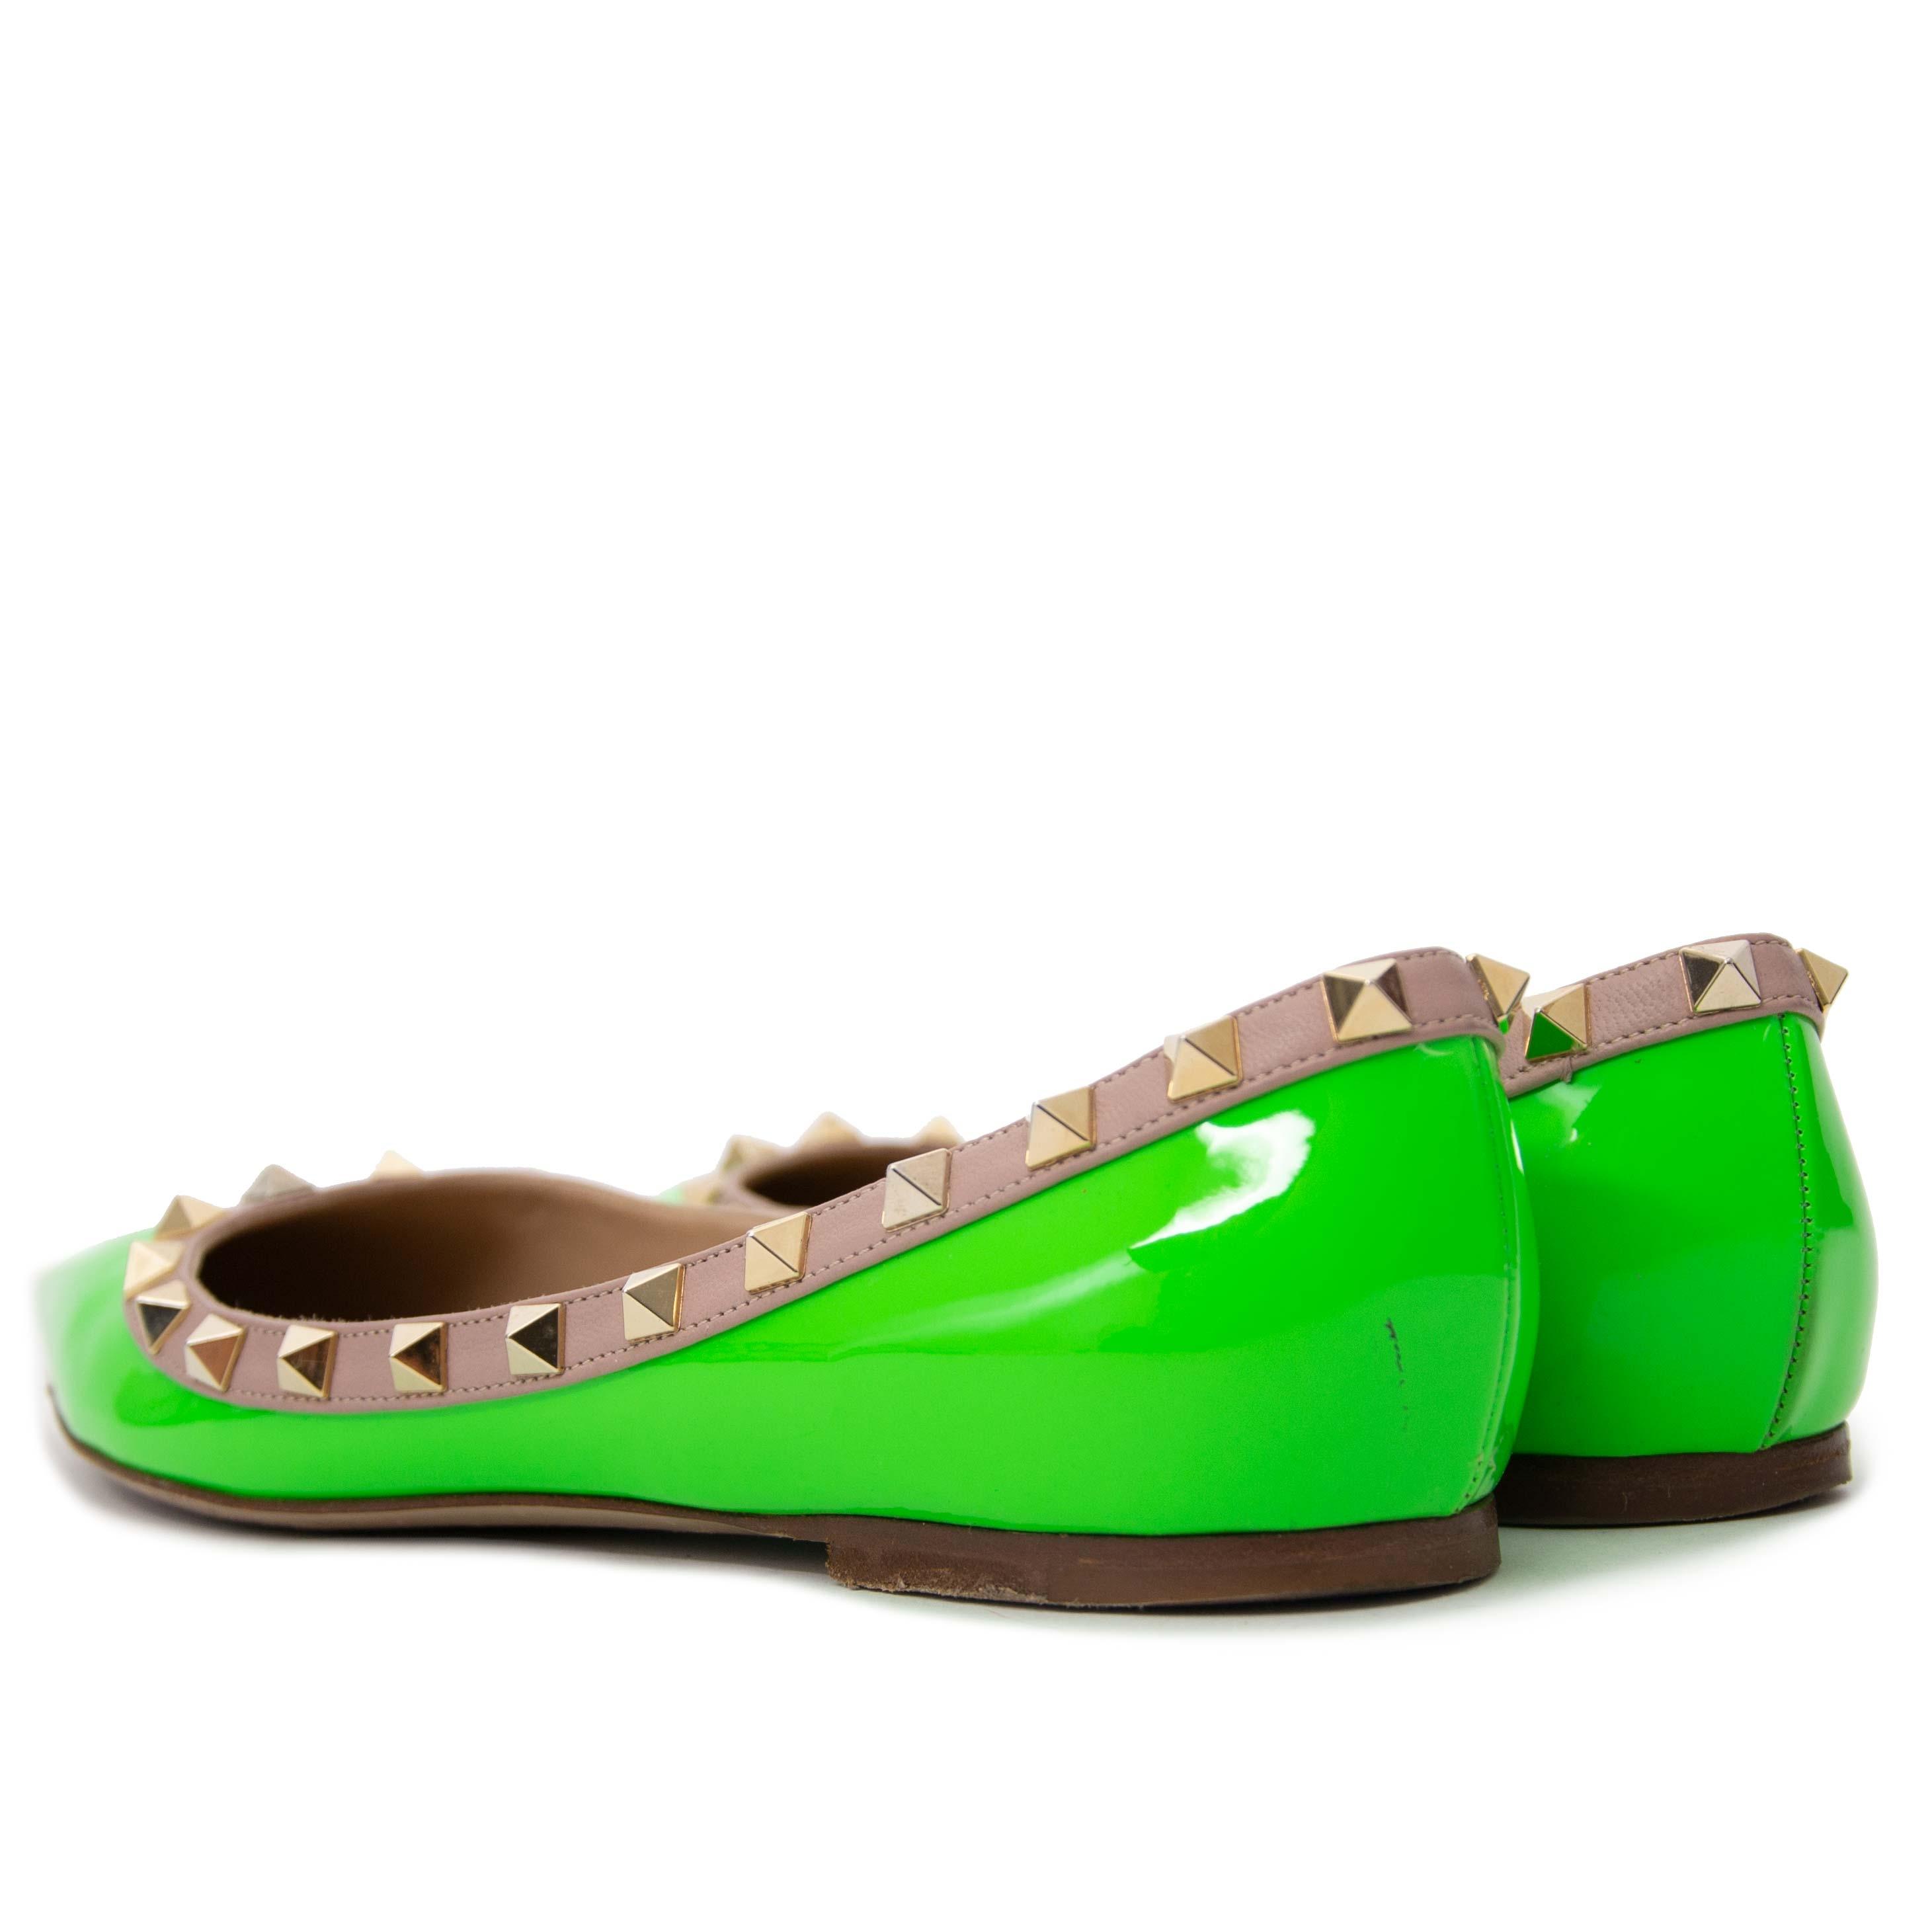 koop tweedehands Valentino Stud Green Patent Leather Ballerina Flats bij labellov